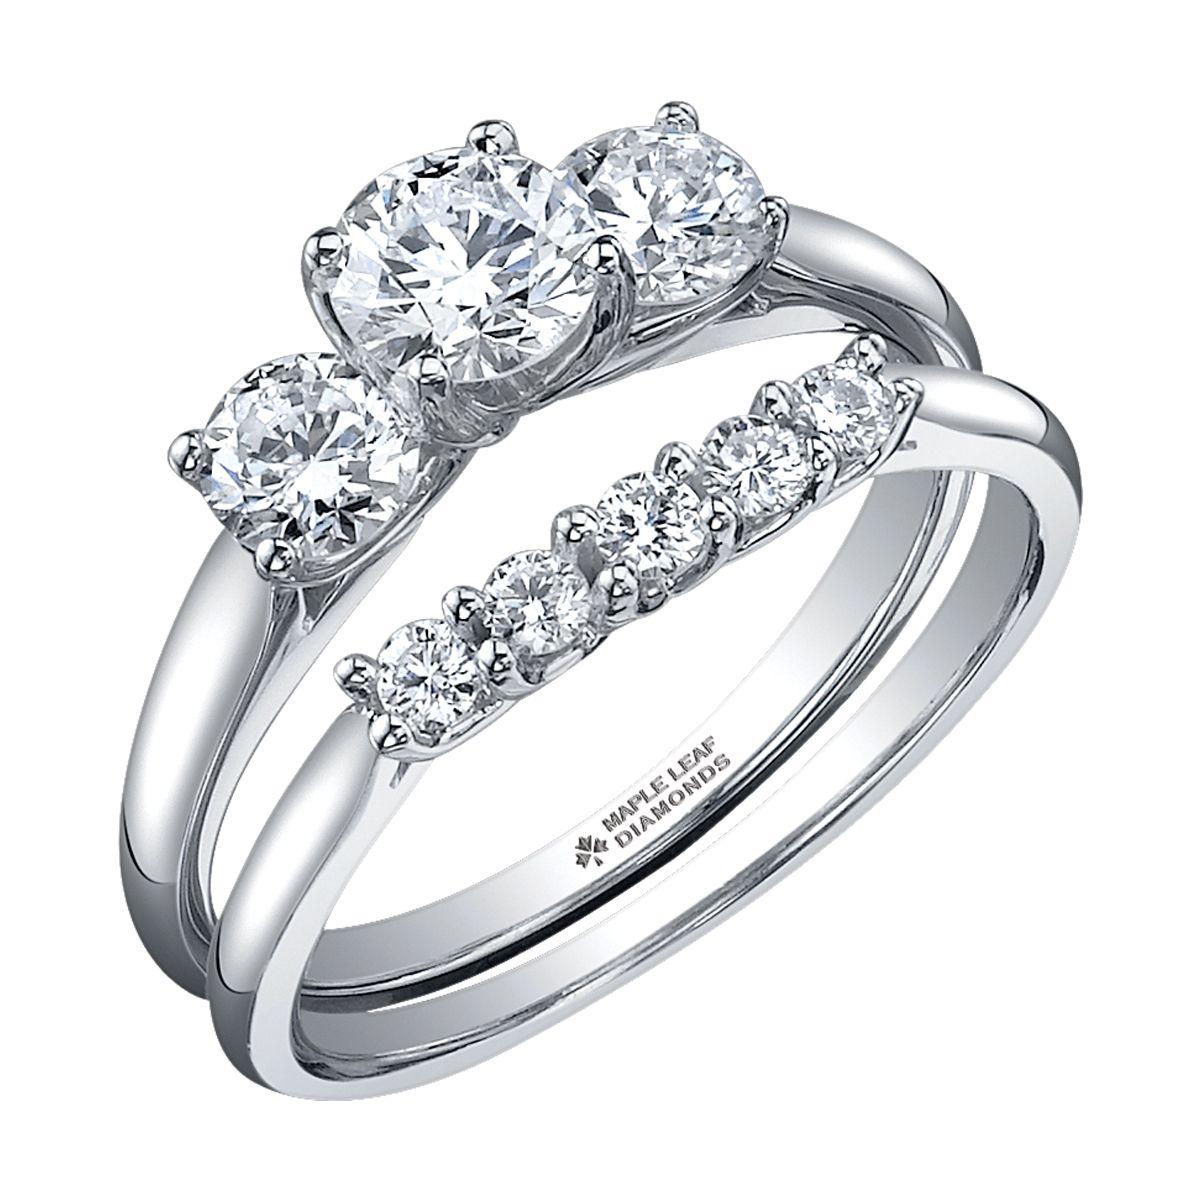 Classic Three Stone Diamond Engagement ring with round